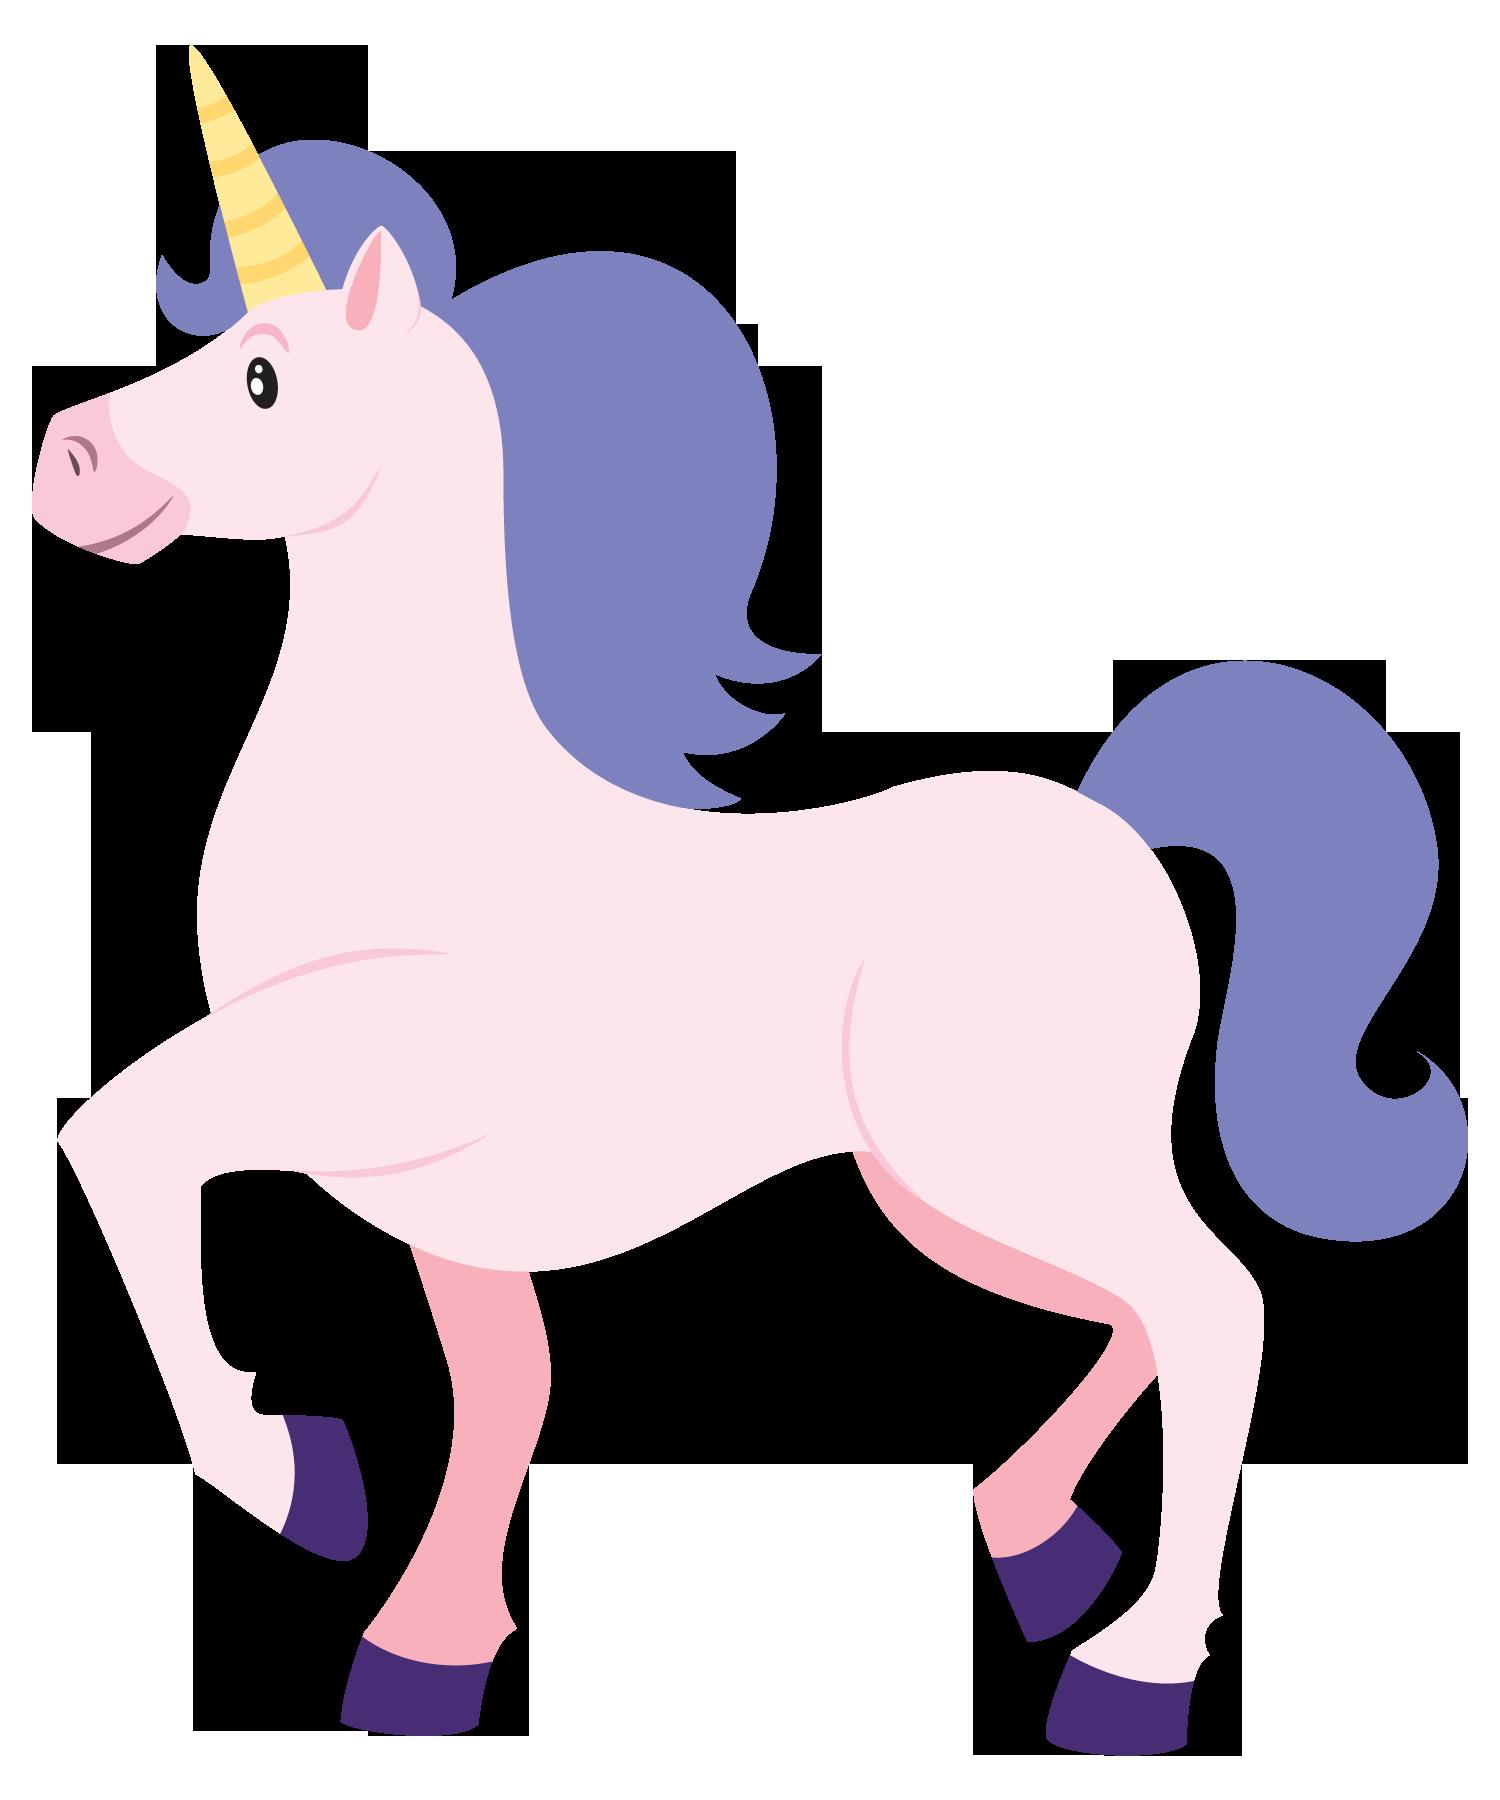 Fairies clipart unicorn. Clip art this cute